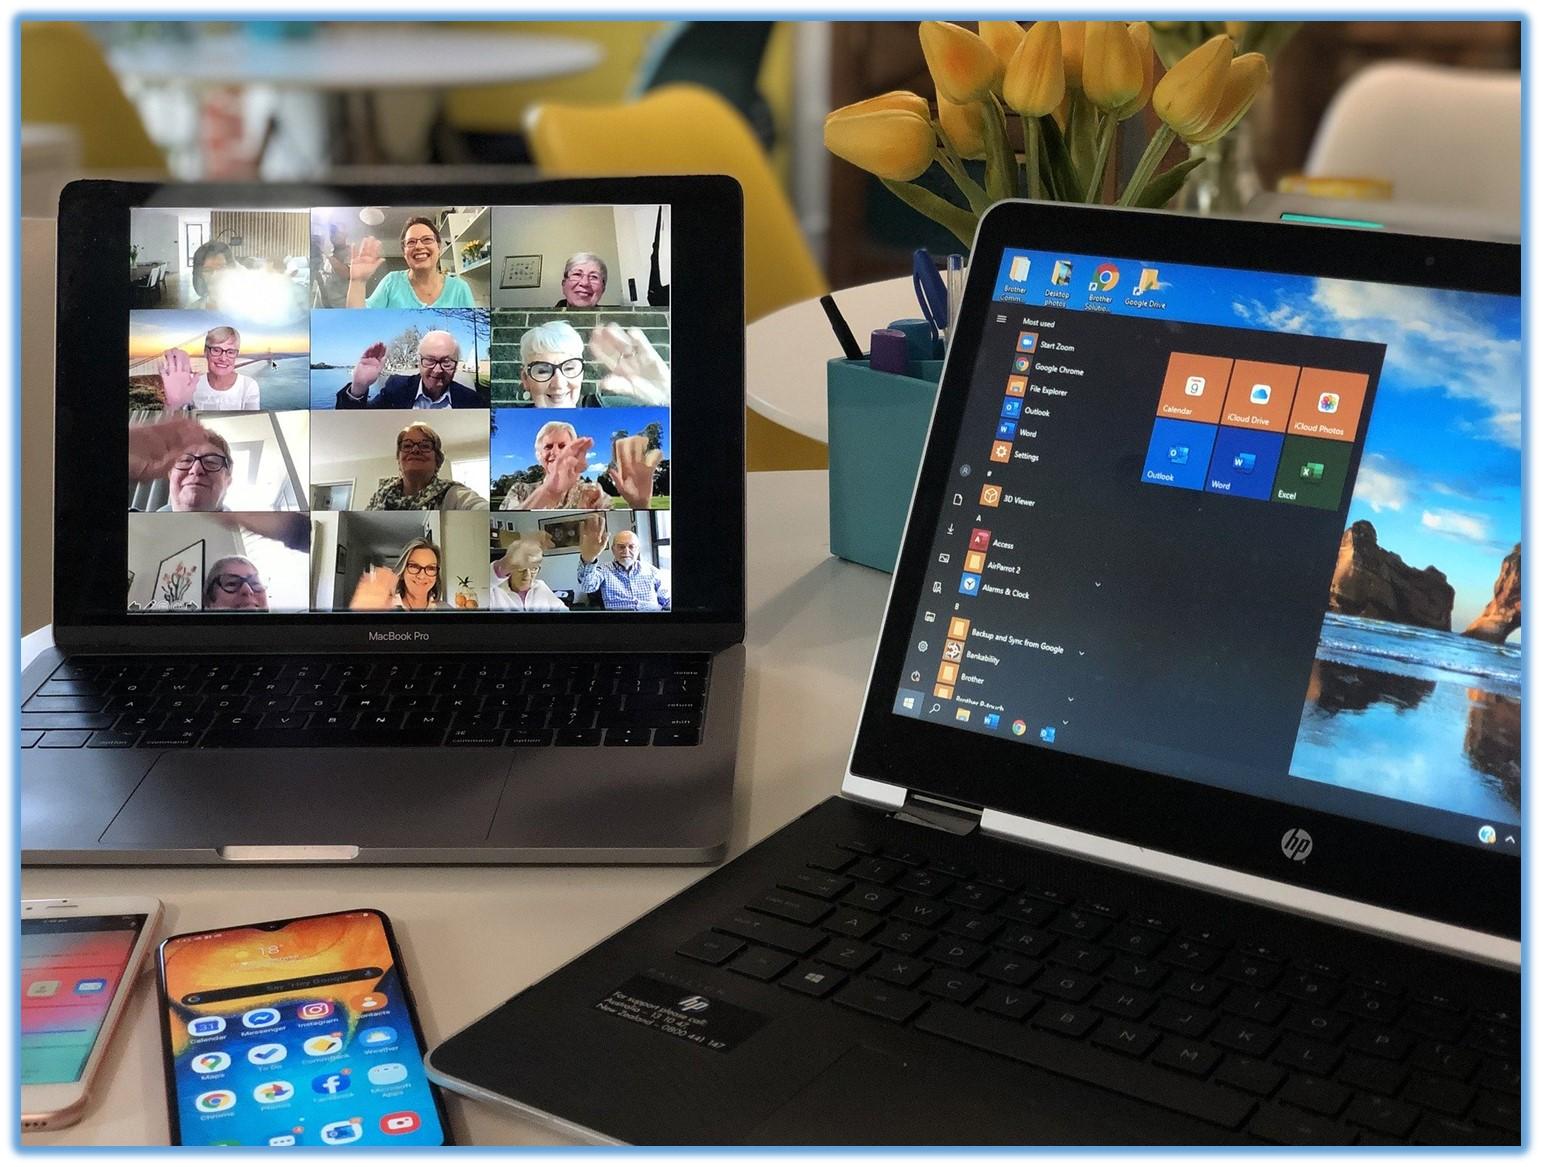 Zwei Bildschirme zeigen einzelne Programme und TeilnehmerInnen eines Webinars